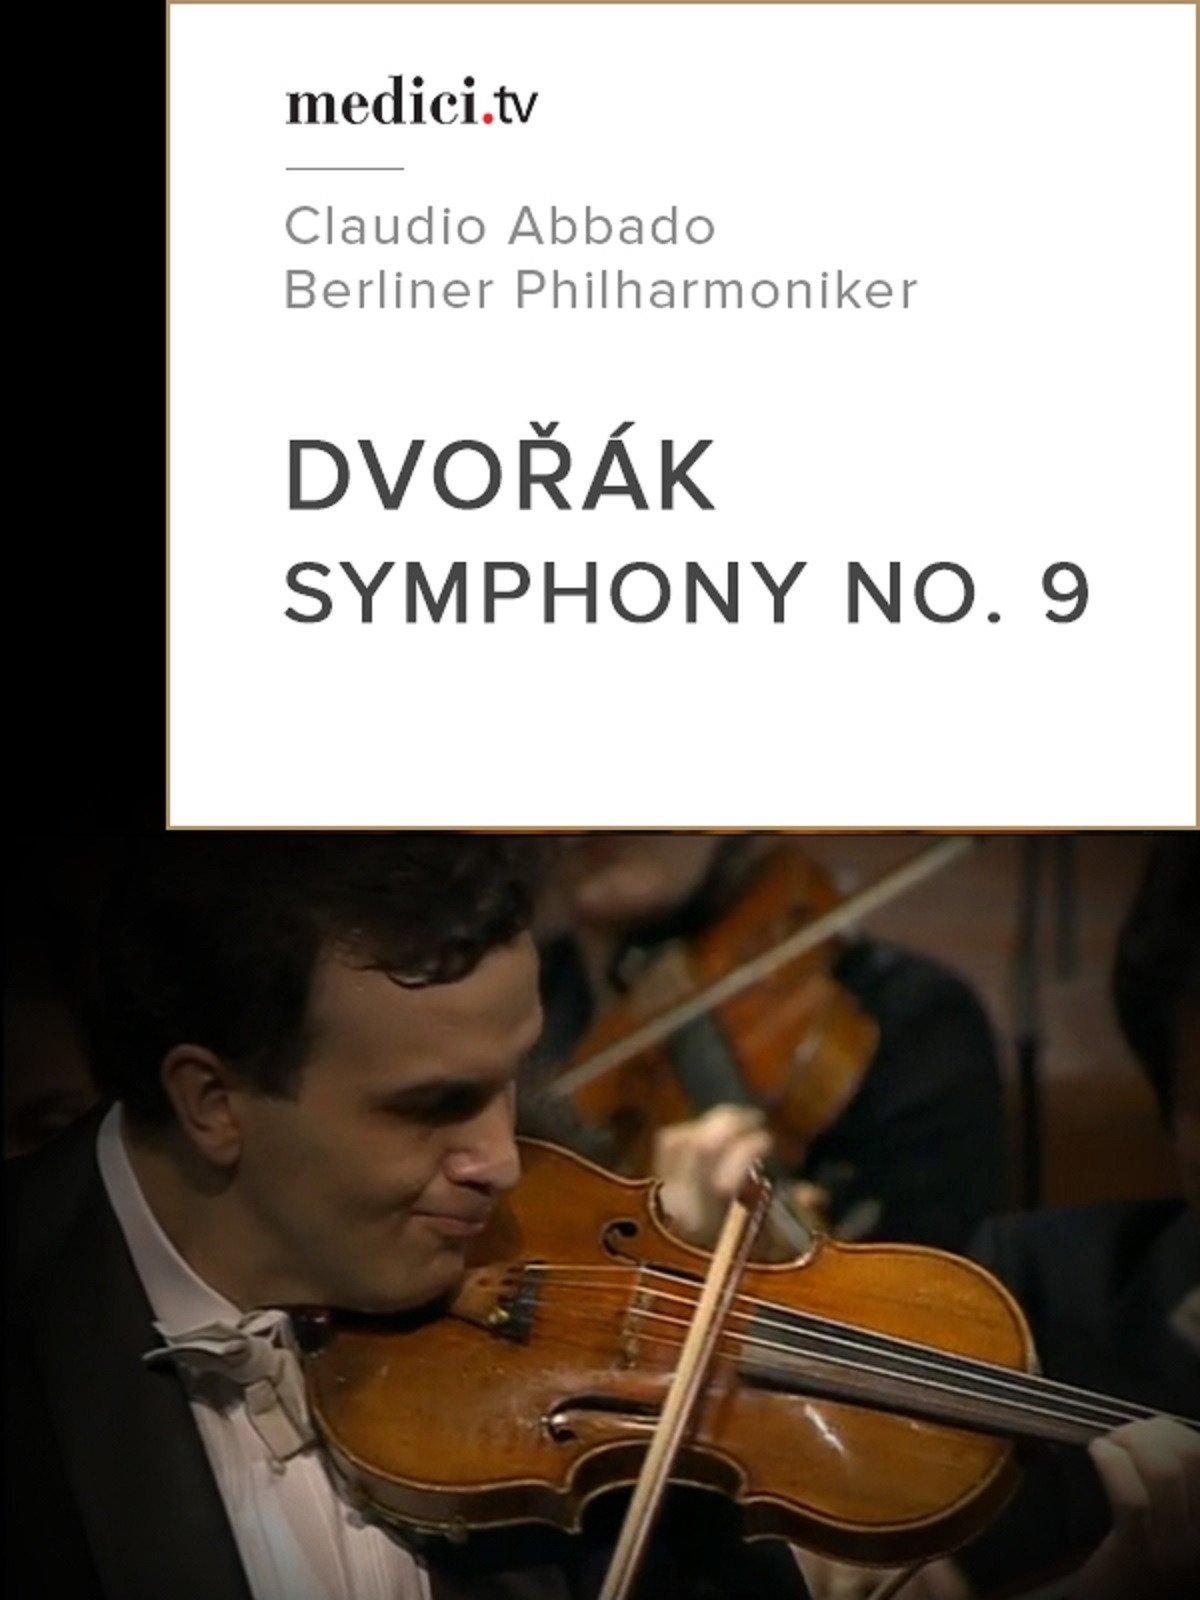 Dvořák, Symphony No. 9